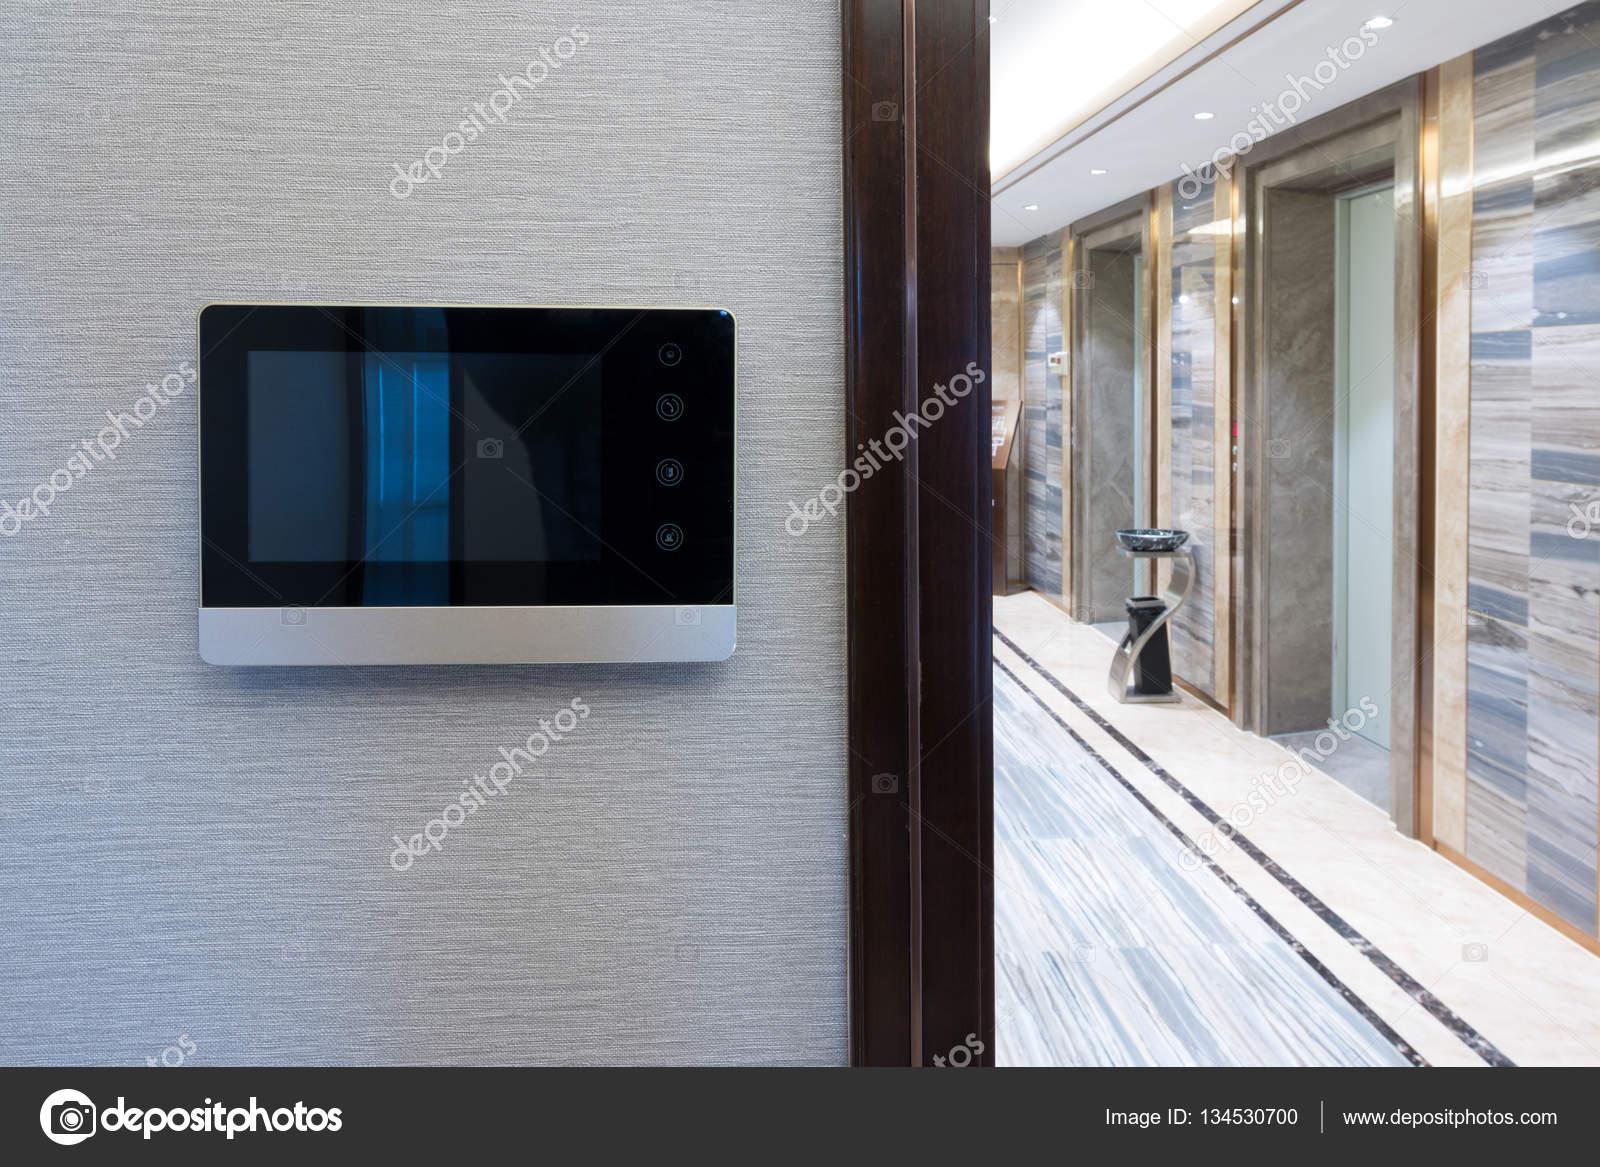 Citofono Esterno Moderno : Citofono video citofono il monitor e il pannello esterno con